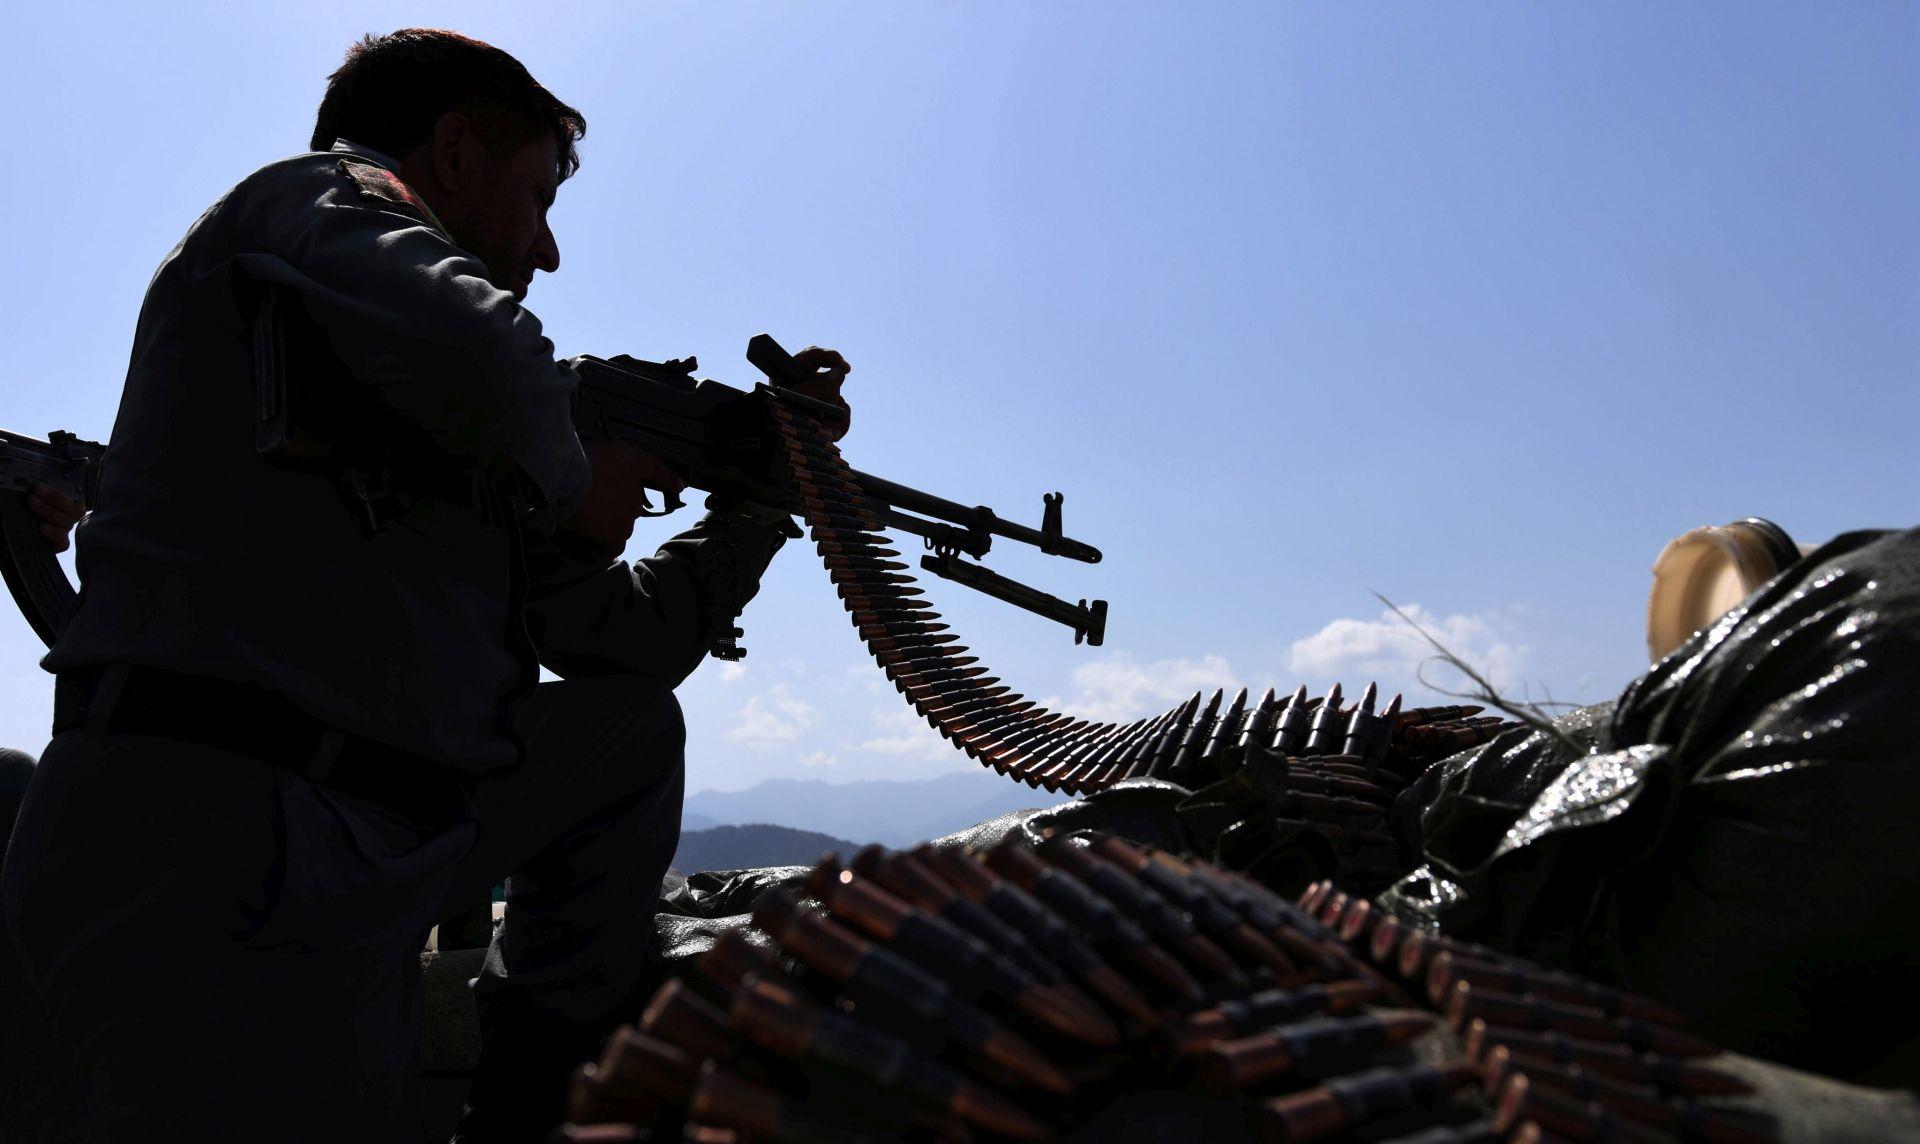 TALIBANI UPALI U VAŽAN AFGANISTANSKI GRAD Iz zatvora oslobodili stotine militanata